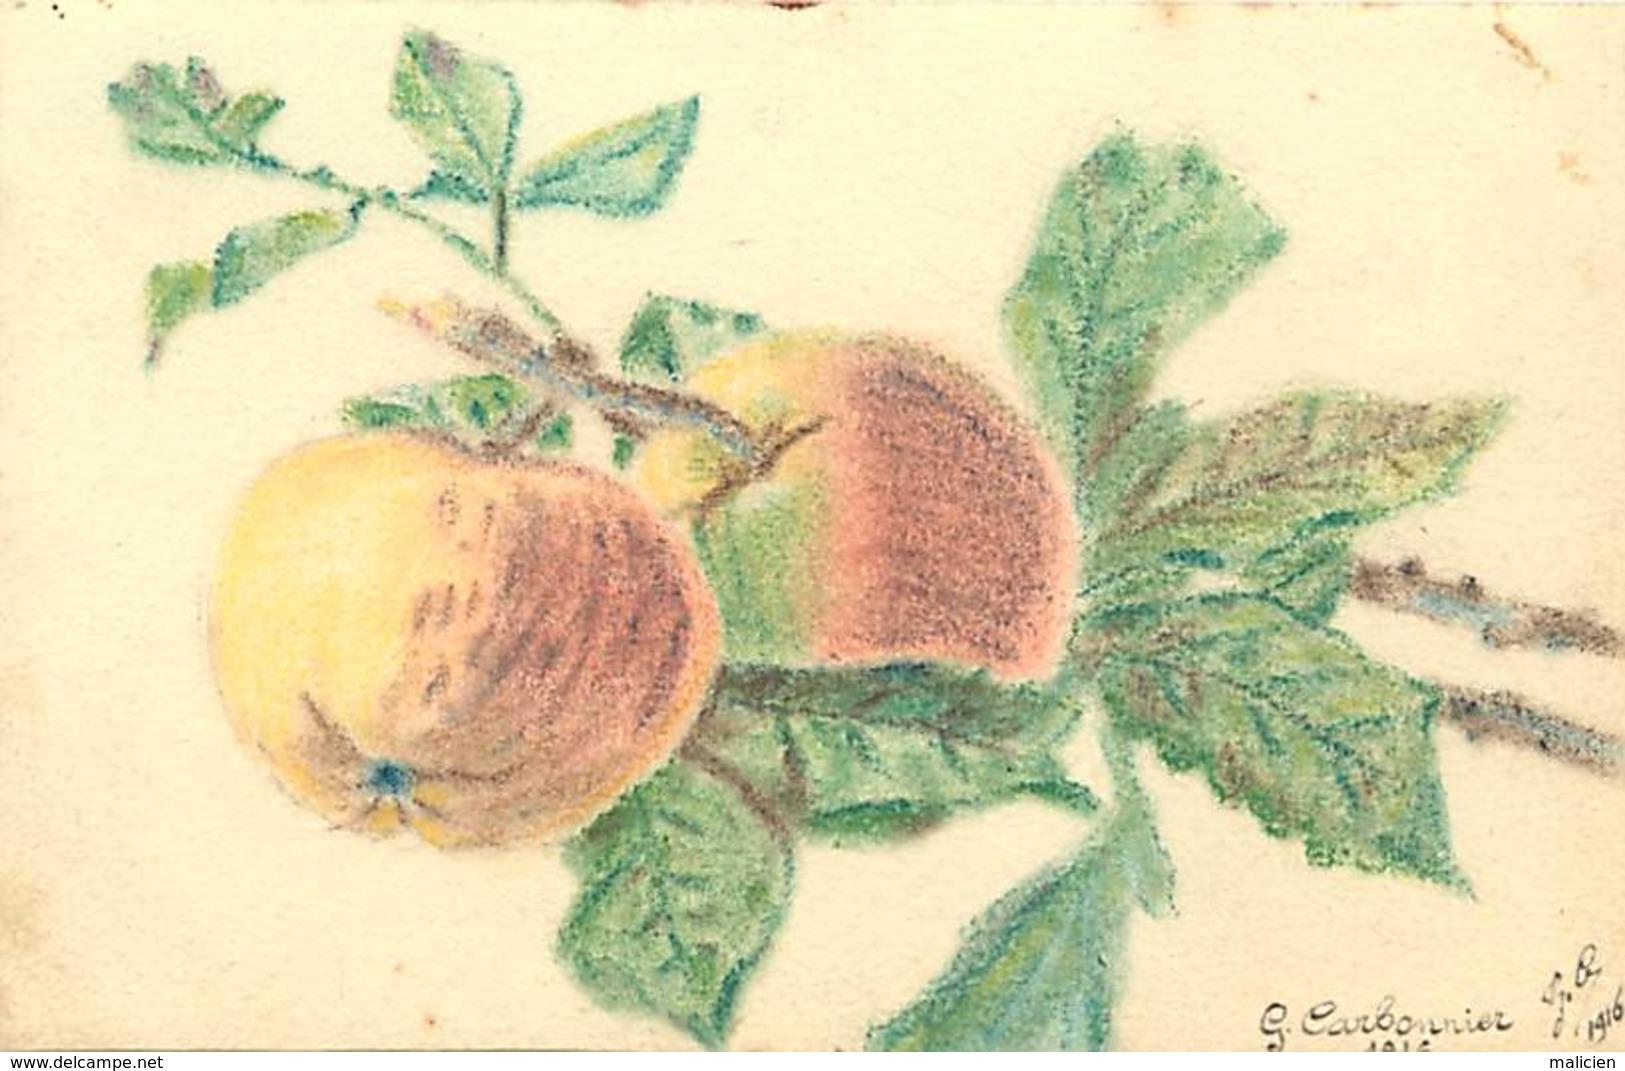 -ref-A958- Illustrateurs - Illustateur G. Carbonnier -1916 - Dessin Sur Papier Dessin - Pommes - Fruits - Guerre 1914-18 - Illustrateurs & Photographes